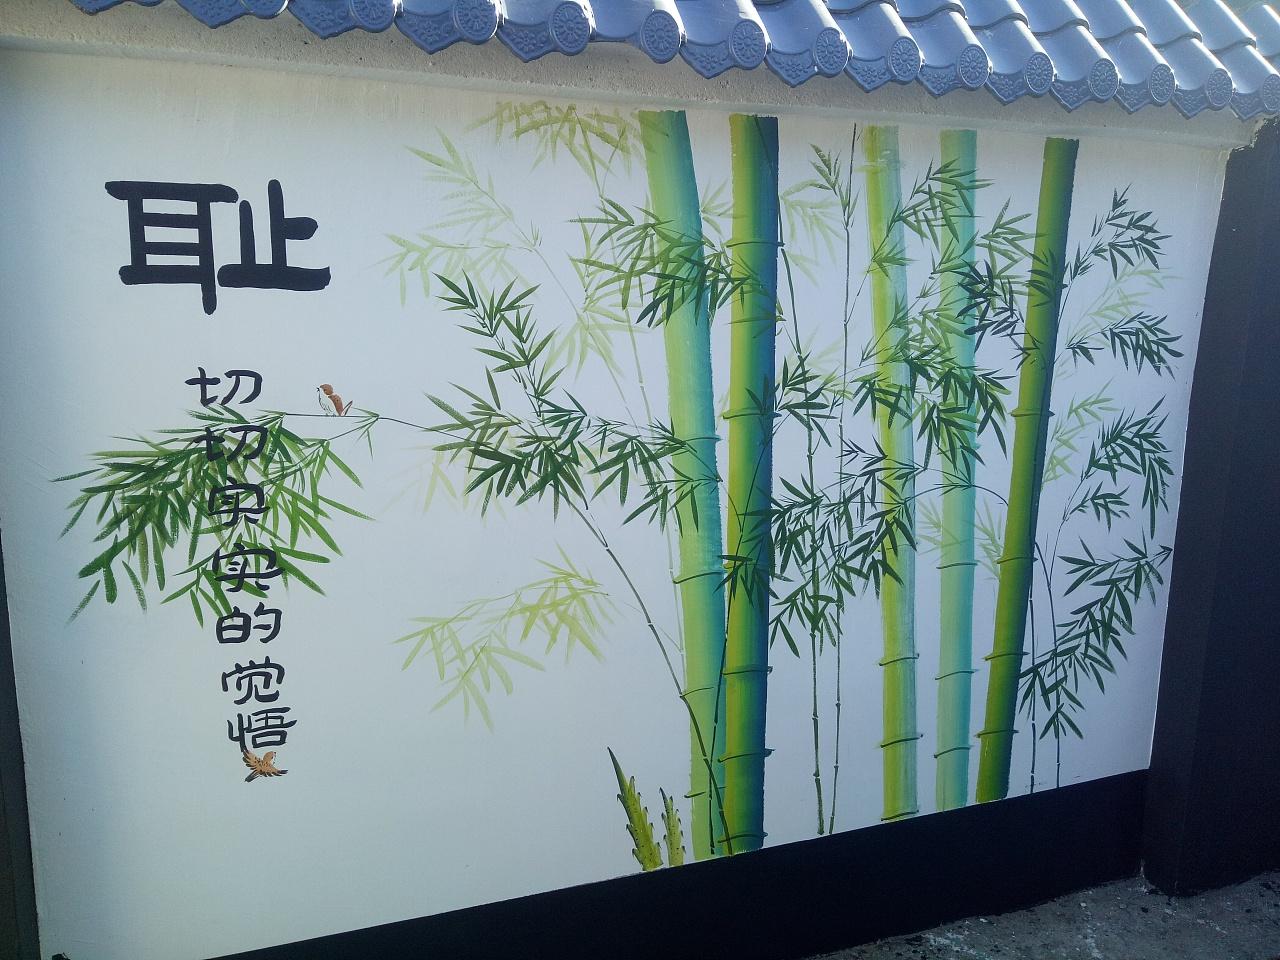 墙体彩绘有哪些风格呢?你知道的风格有哪些呢?